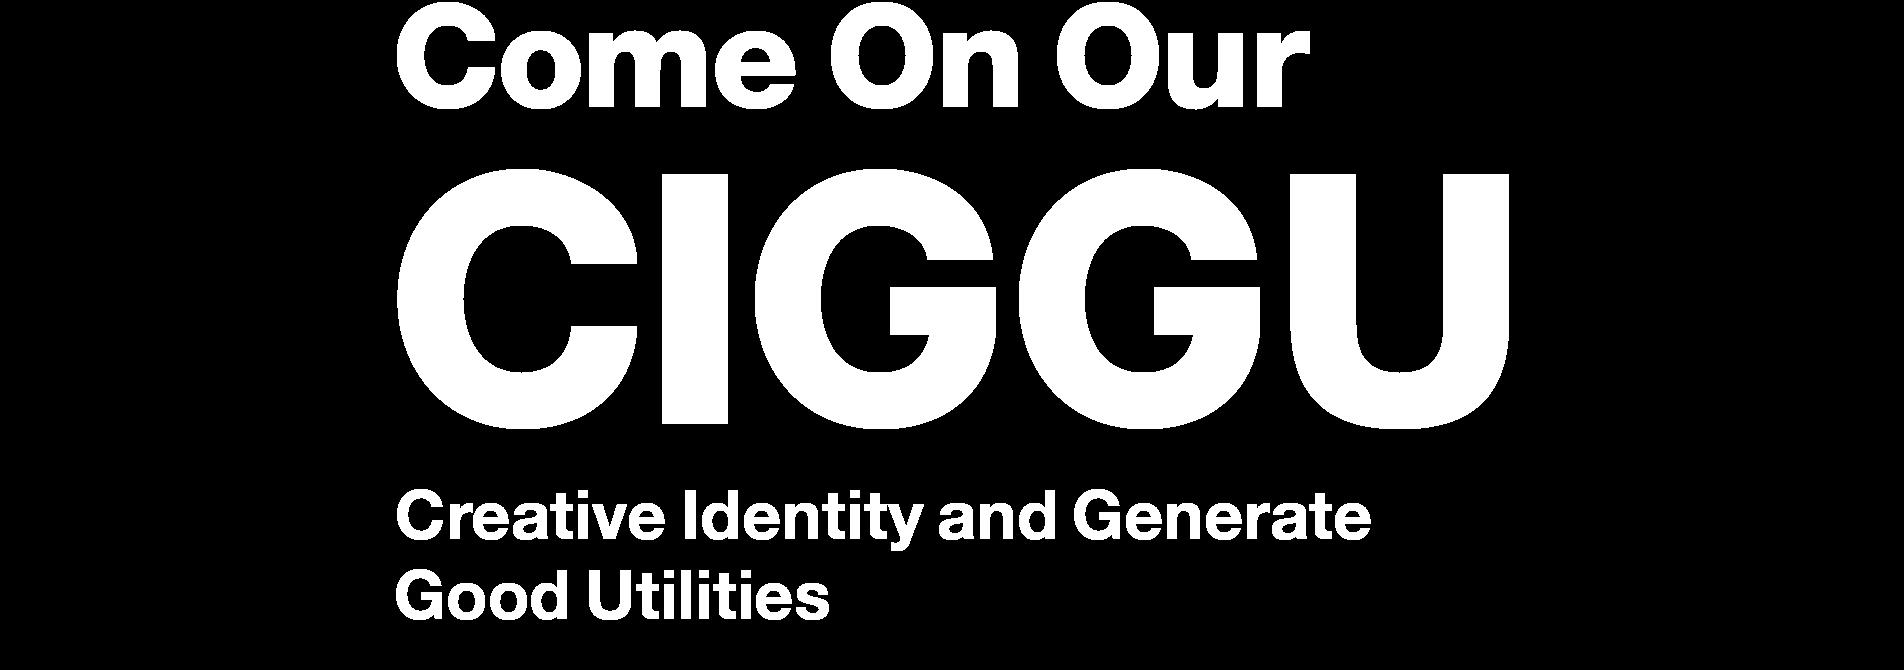 Come-on-our-ciggu